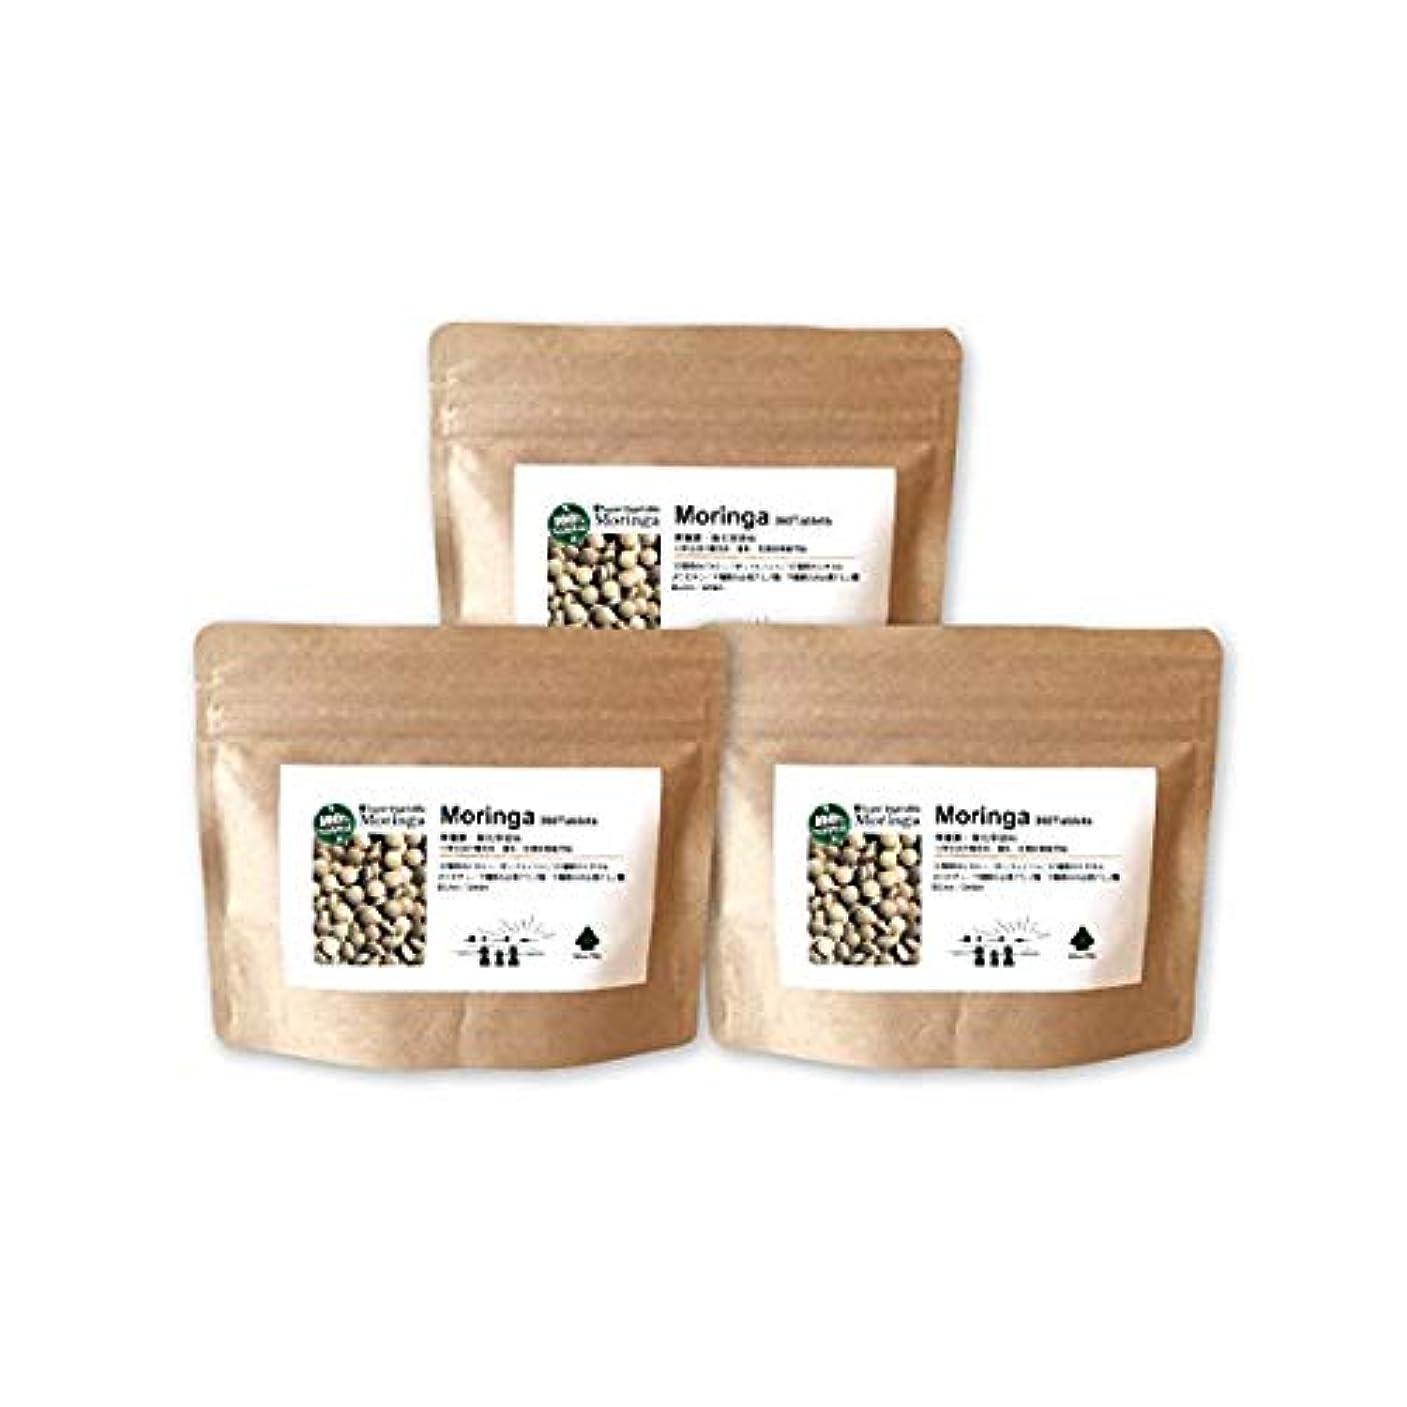 ドア見通しクリックモリンガ粒(3個セット) 沖縄産の無農薬?無化学肥料栽培モリンガ葉使用